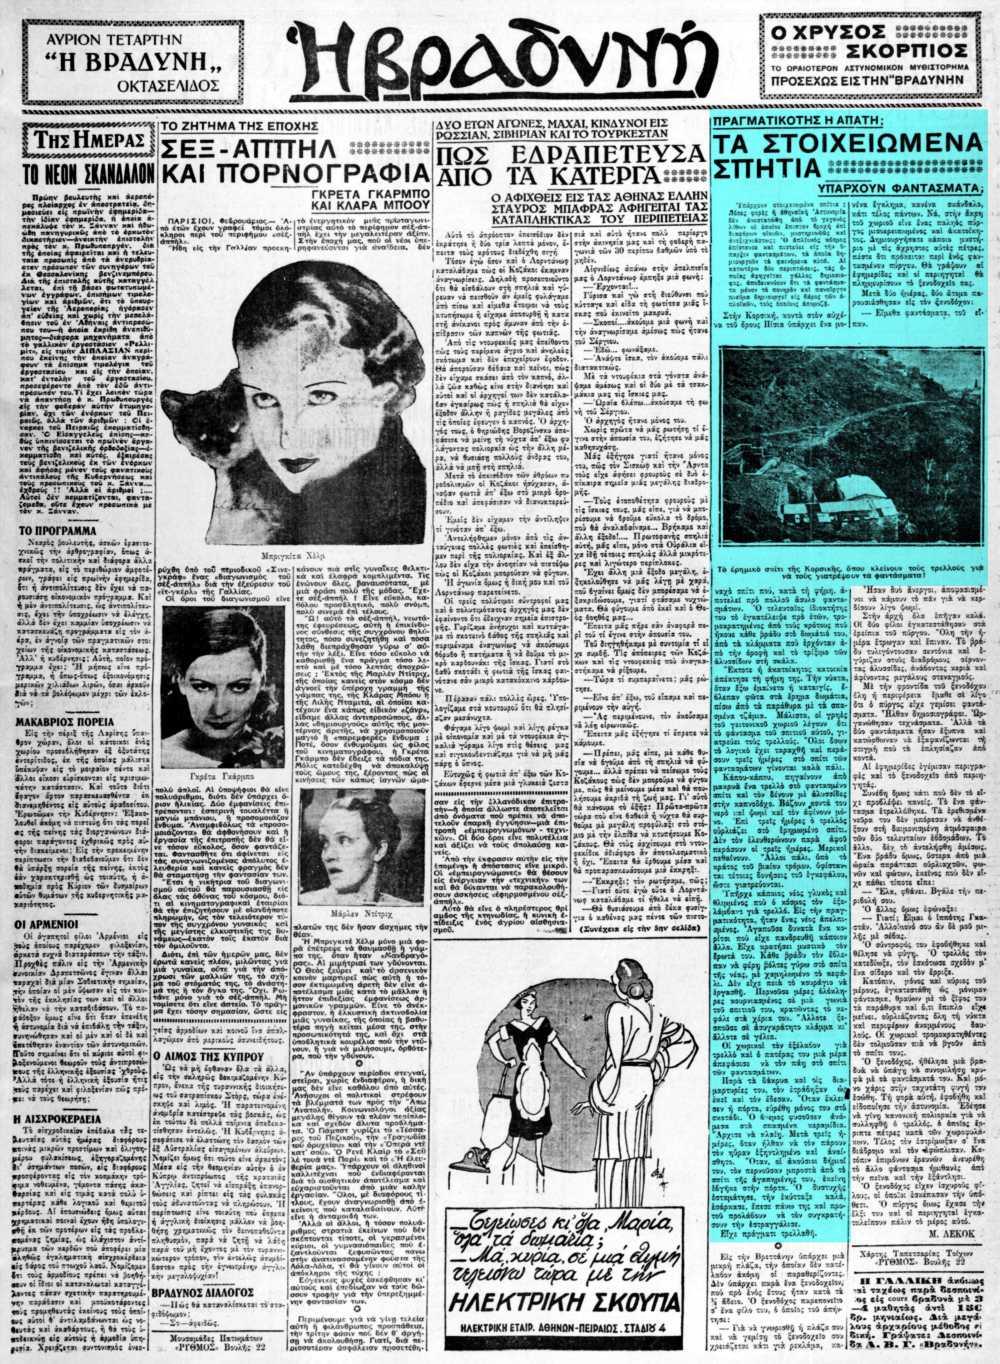 """Το άρθρο, όπως δημοσιεύθηκε στην εφημερίδα """"Η ΒΡΑΔΥΝΗ"""", στις 16/02/1932"""